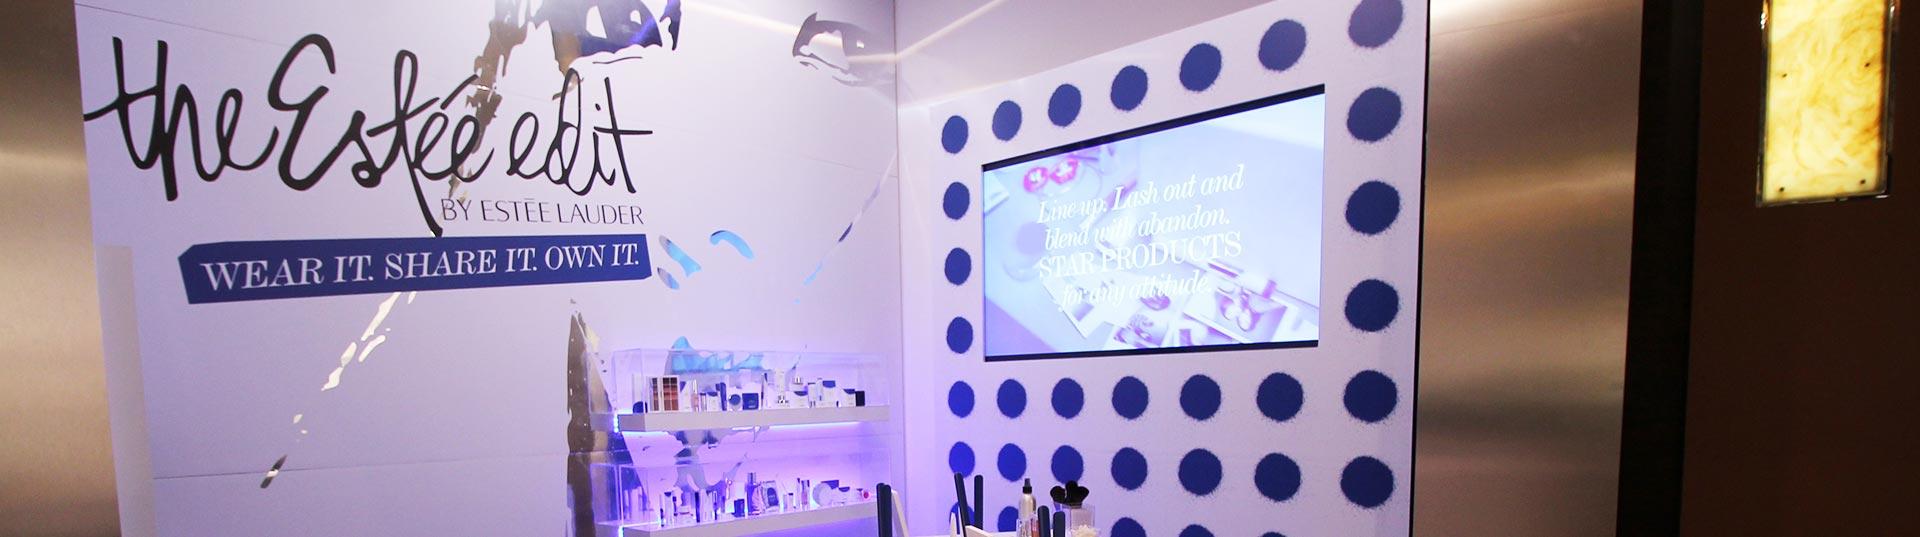 Estee Lauder Trade Show Booth